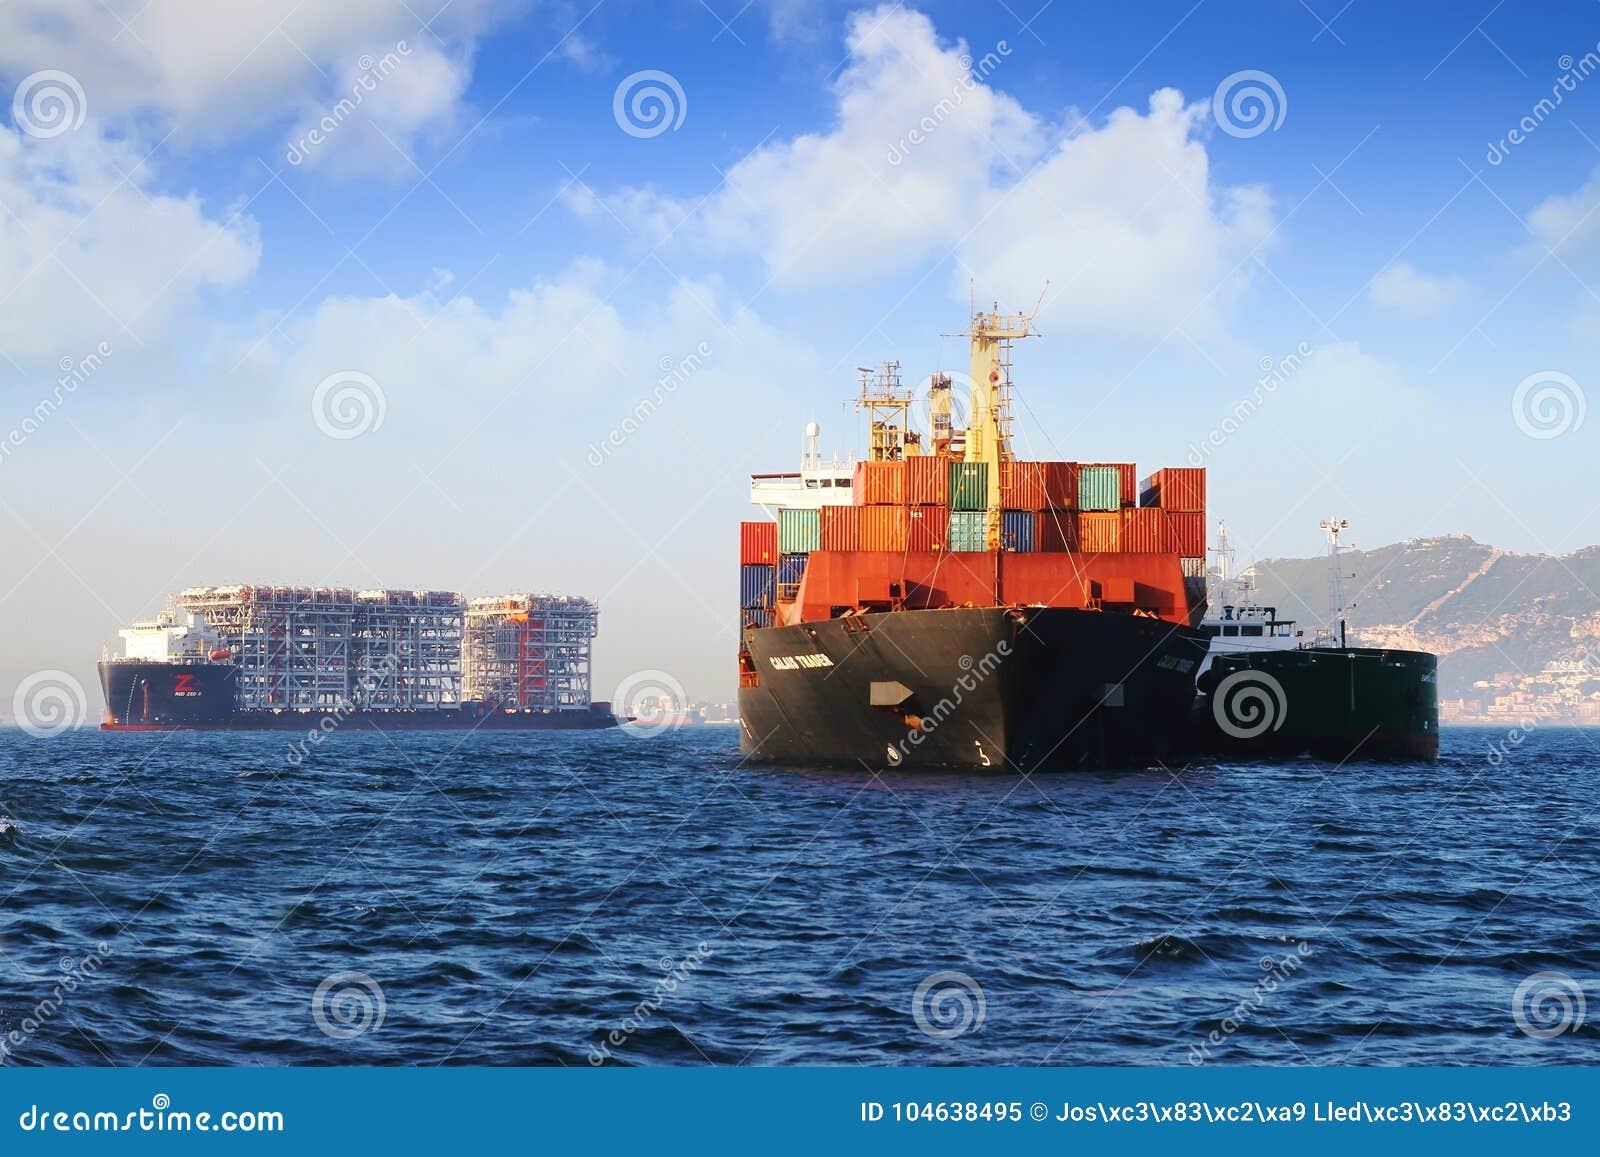 Download Containership De Handelaar Van Calais In Algeciras Baai In Spanje Wordt Verankerd Dat Redactionele Afbeelding - Afbeelding bestaande uit spanje, anker: 104638495